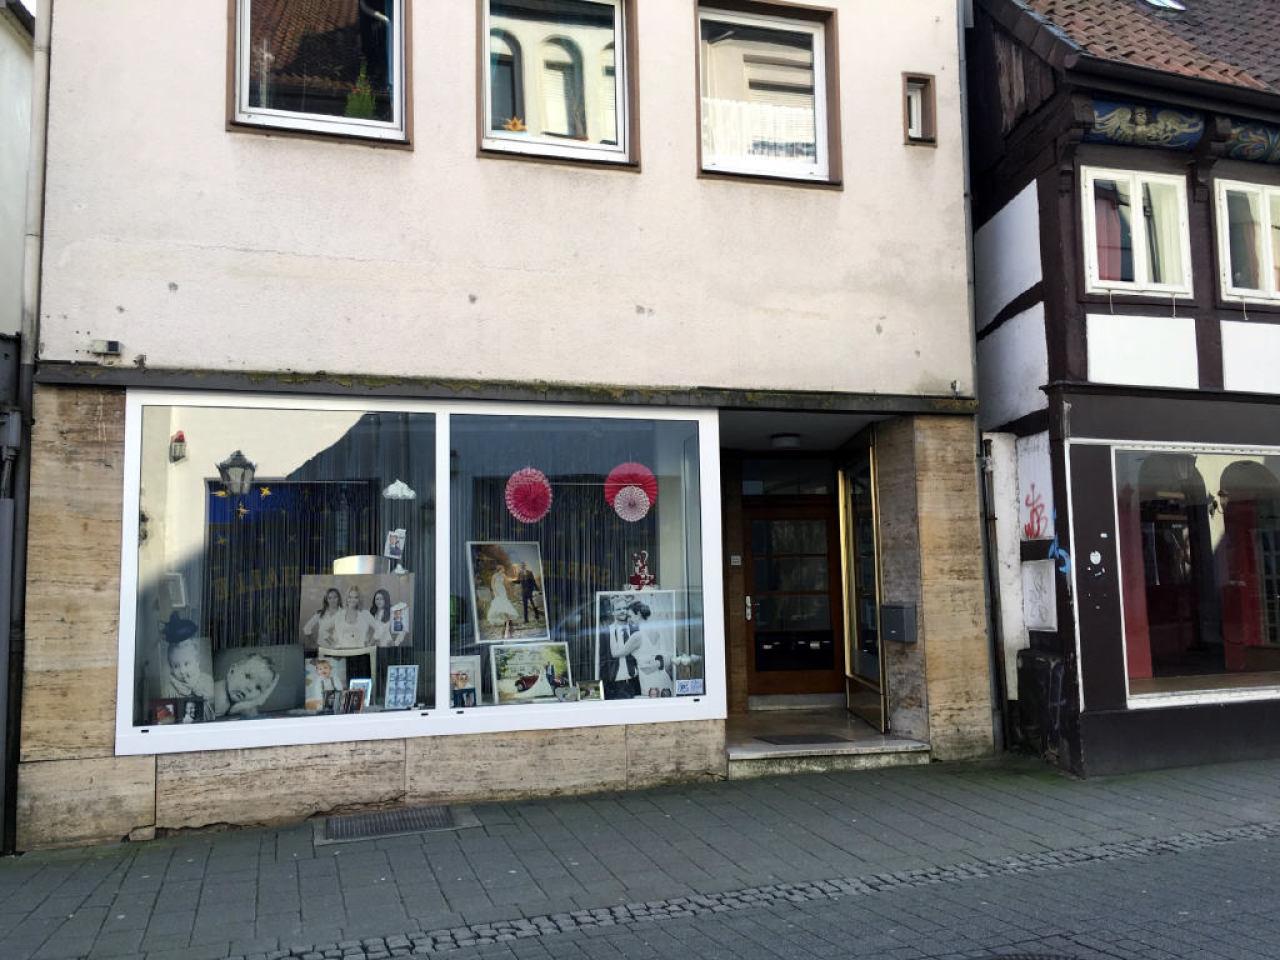 Ladenlokal sb markt zur miete in herford schmuckes for Sb markt wittenberge